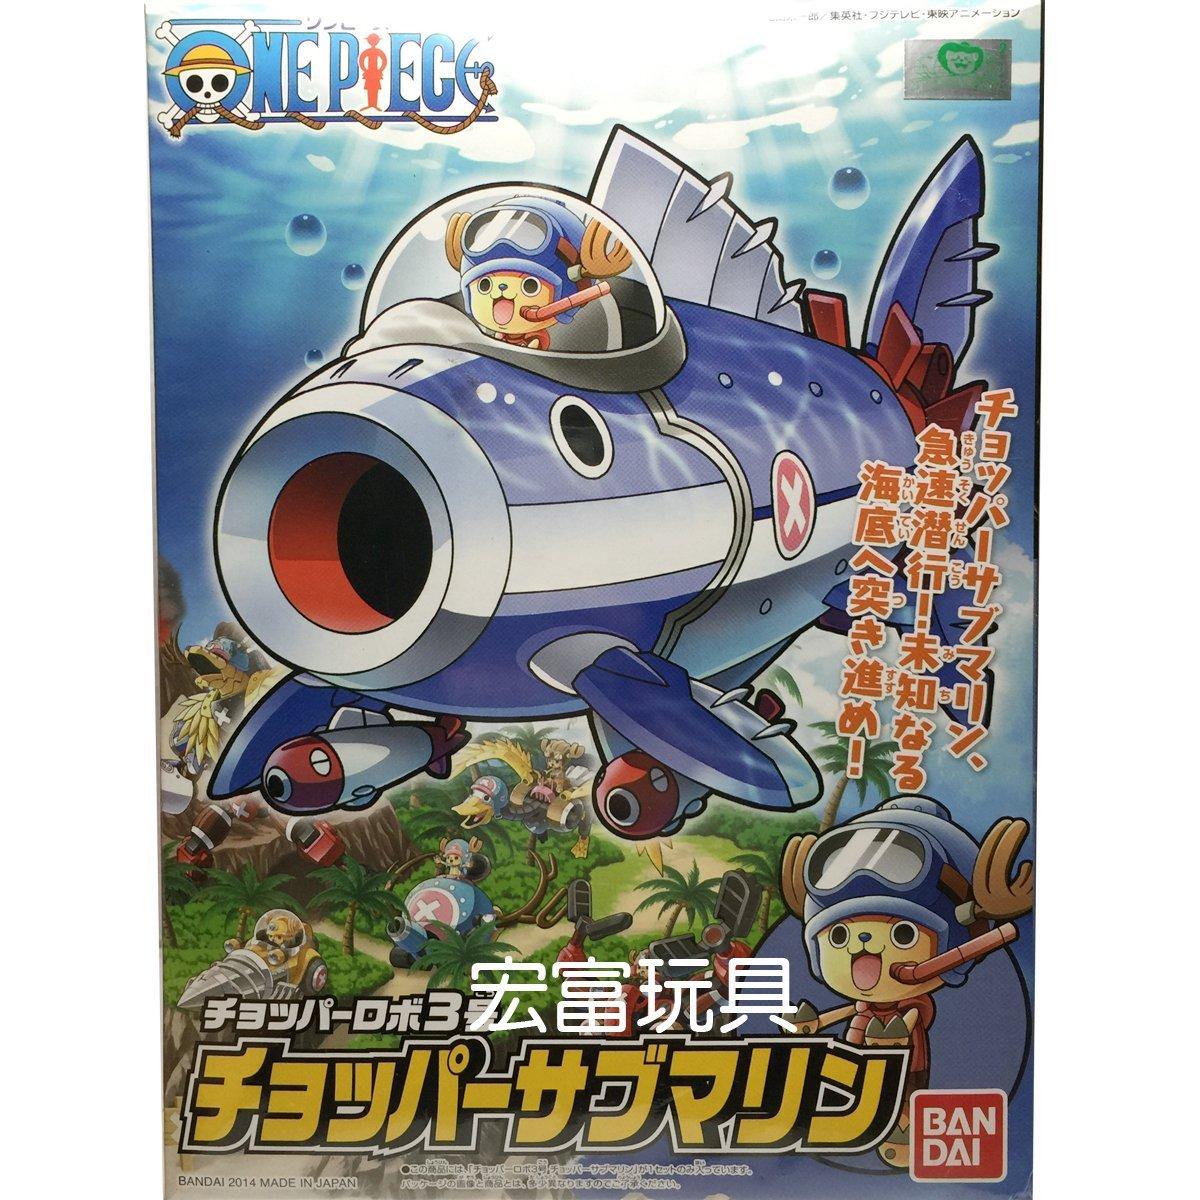 鋼彈gundam組合模型 航海王{海賊王} - 喬巴機器人3號 潛水艇